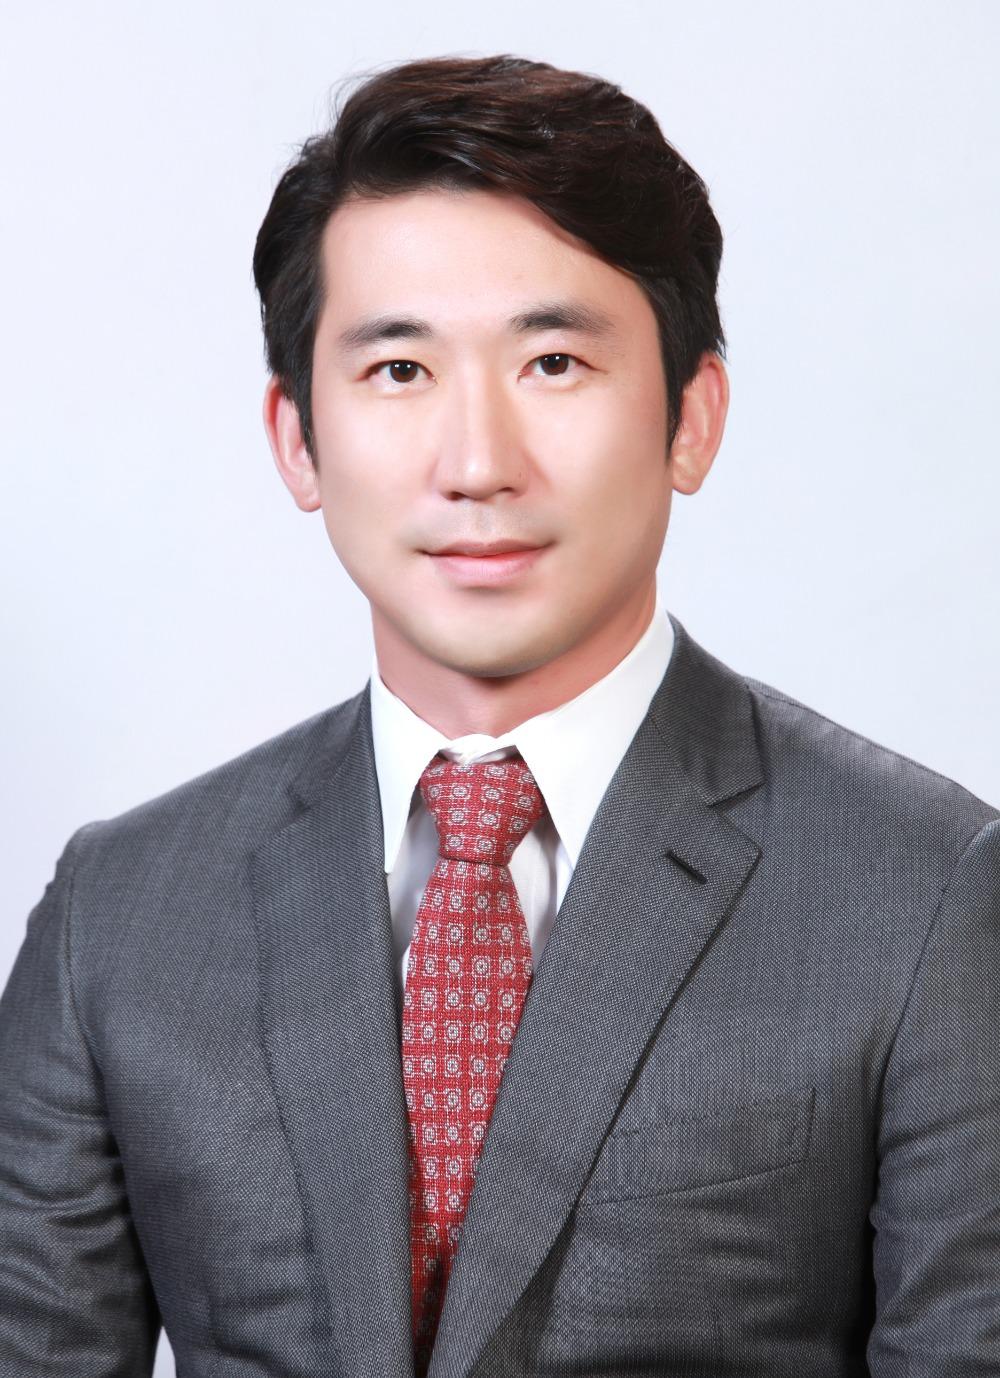 경영_이종섭 교수